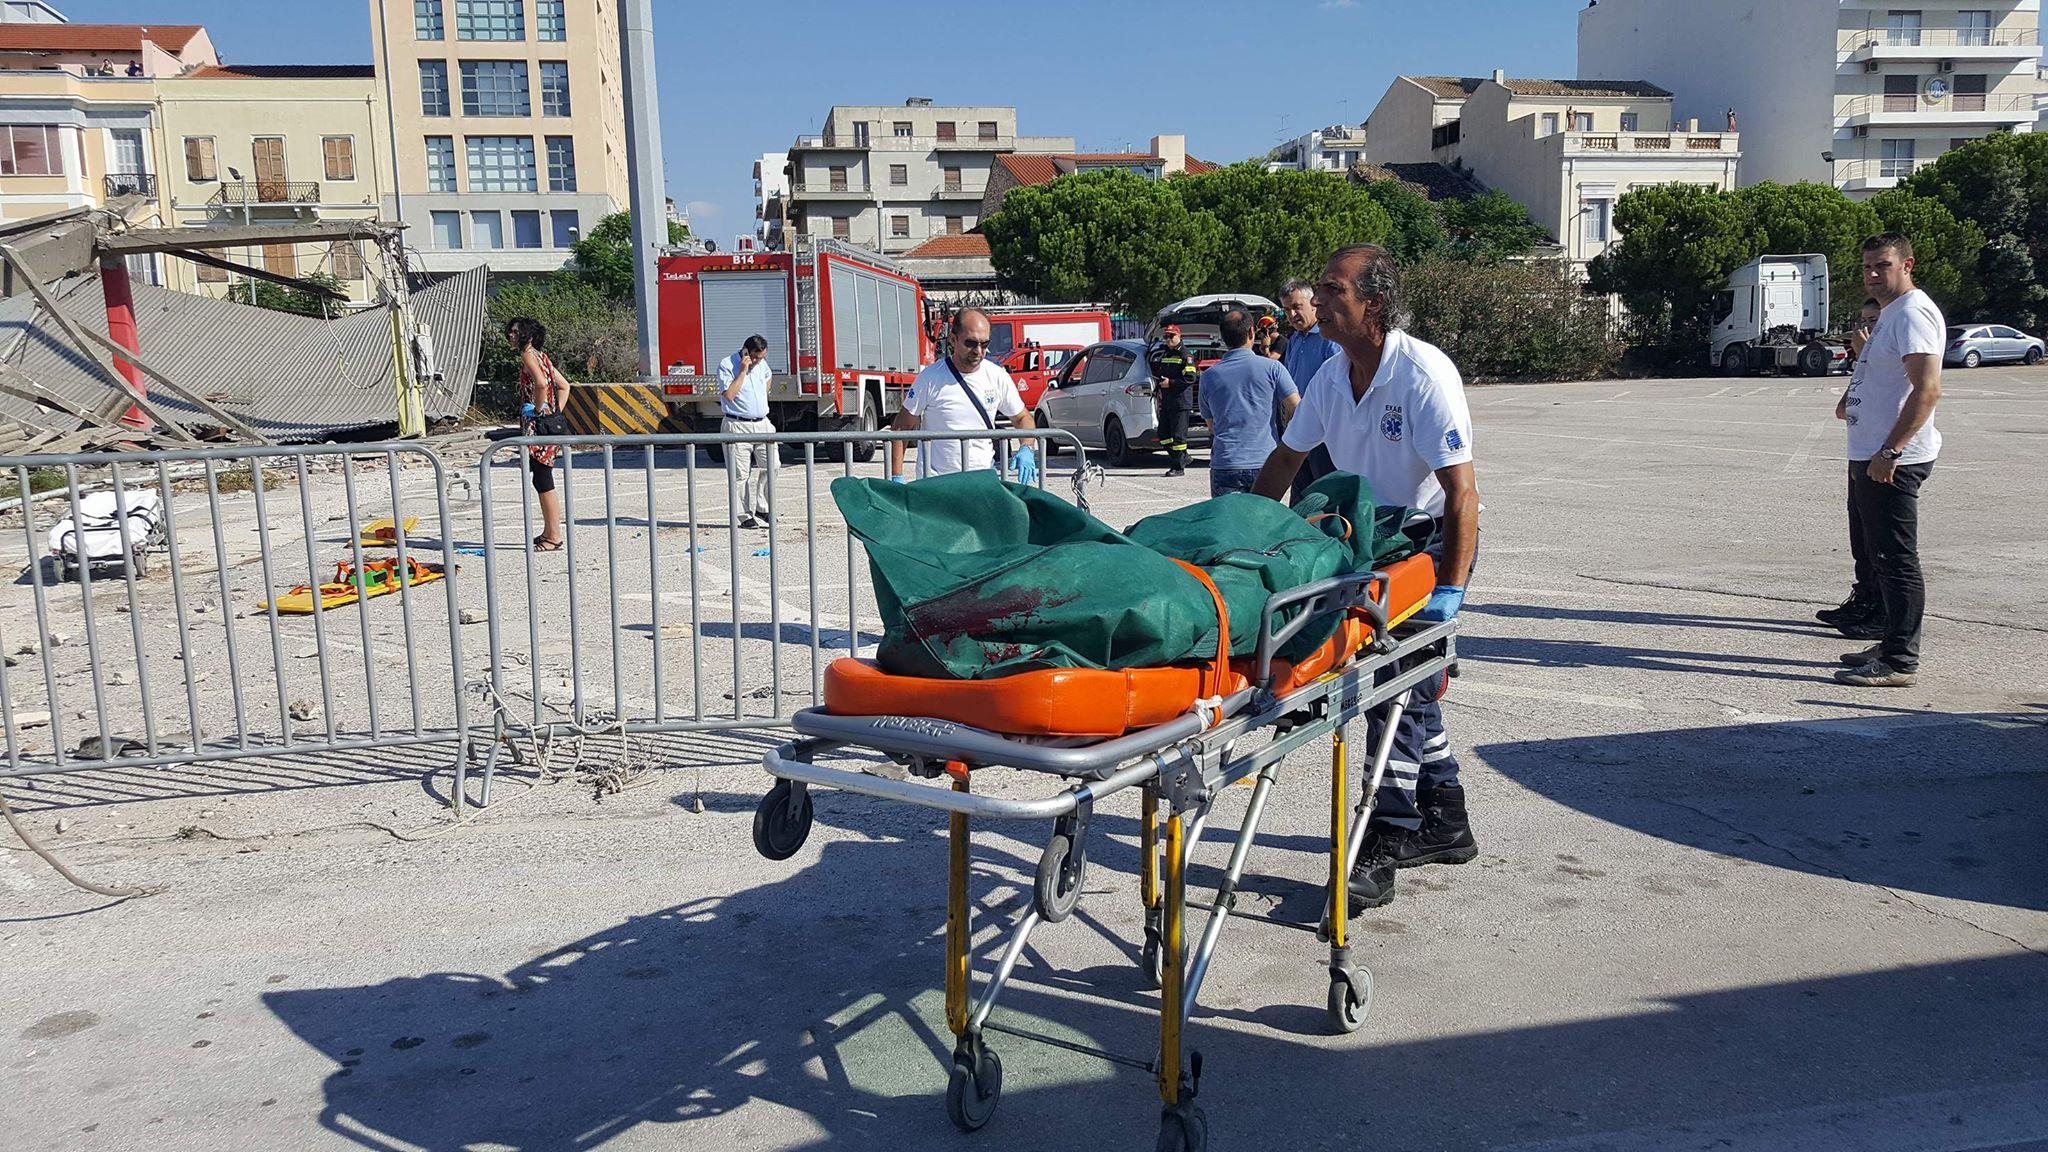 Πάτρα: Στα αζήτητα, στο Νεκροτομείο Ρίου, το θύμα της κατάρρευσης του στεγάστρου